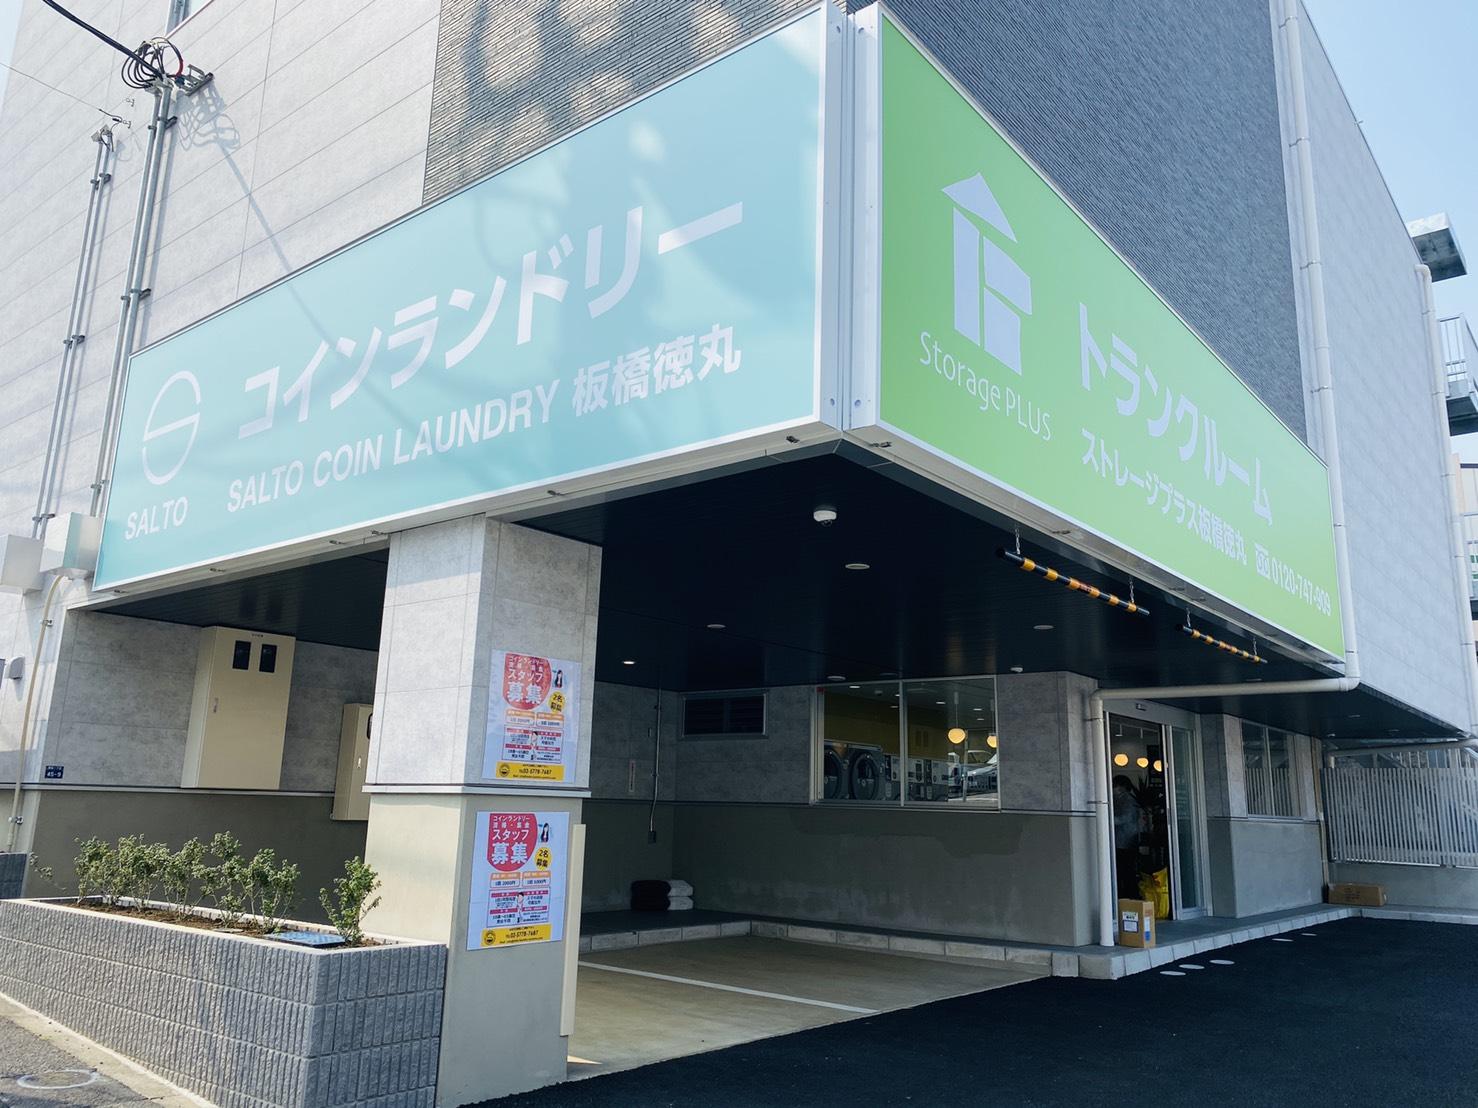 2020年6月5日開店:SALTO COIN LAUNDRY 板橋徳丸店